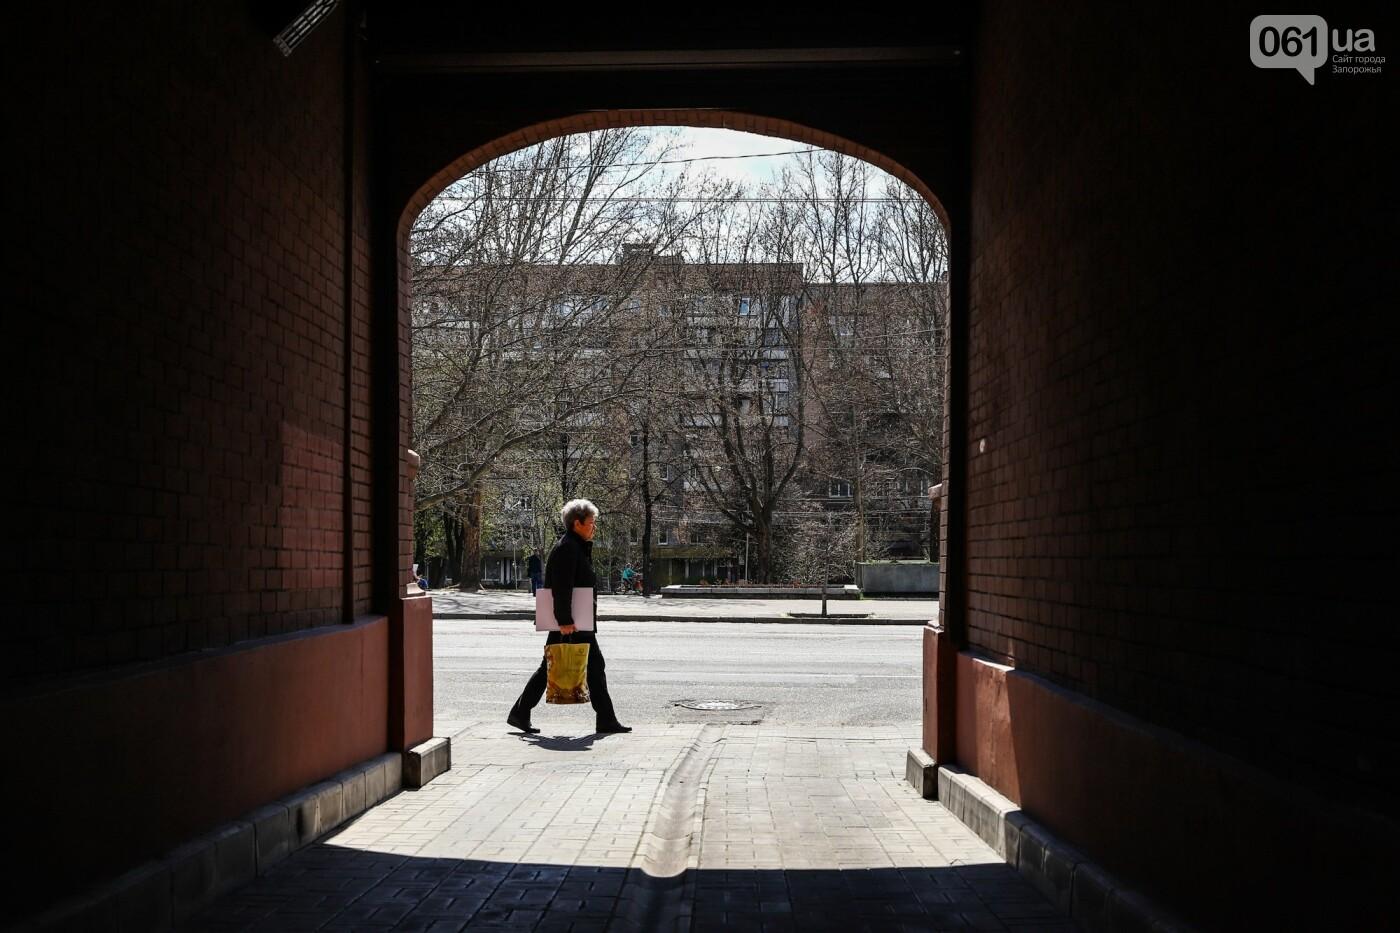 Памятники Старого Александровска: как сейчас выглядит доходный дом Регирера, - ФОТО, фото-9